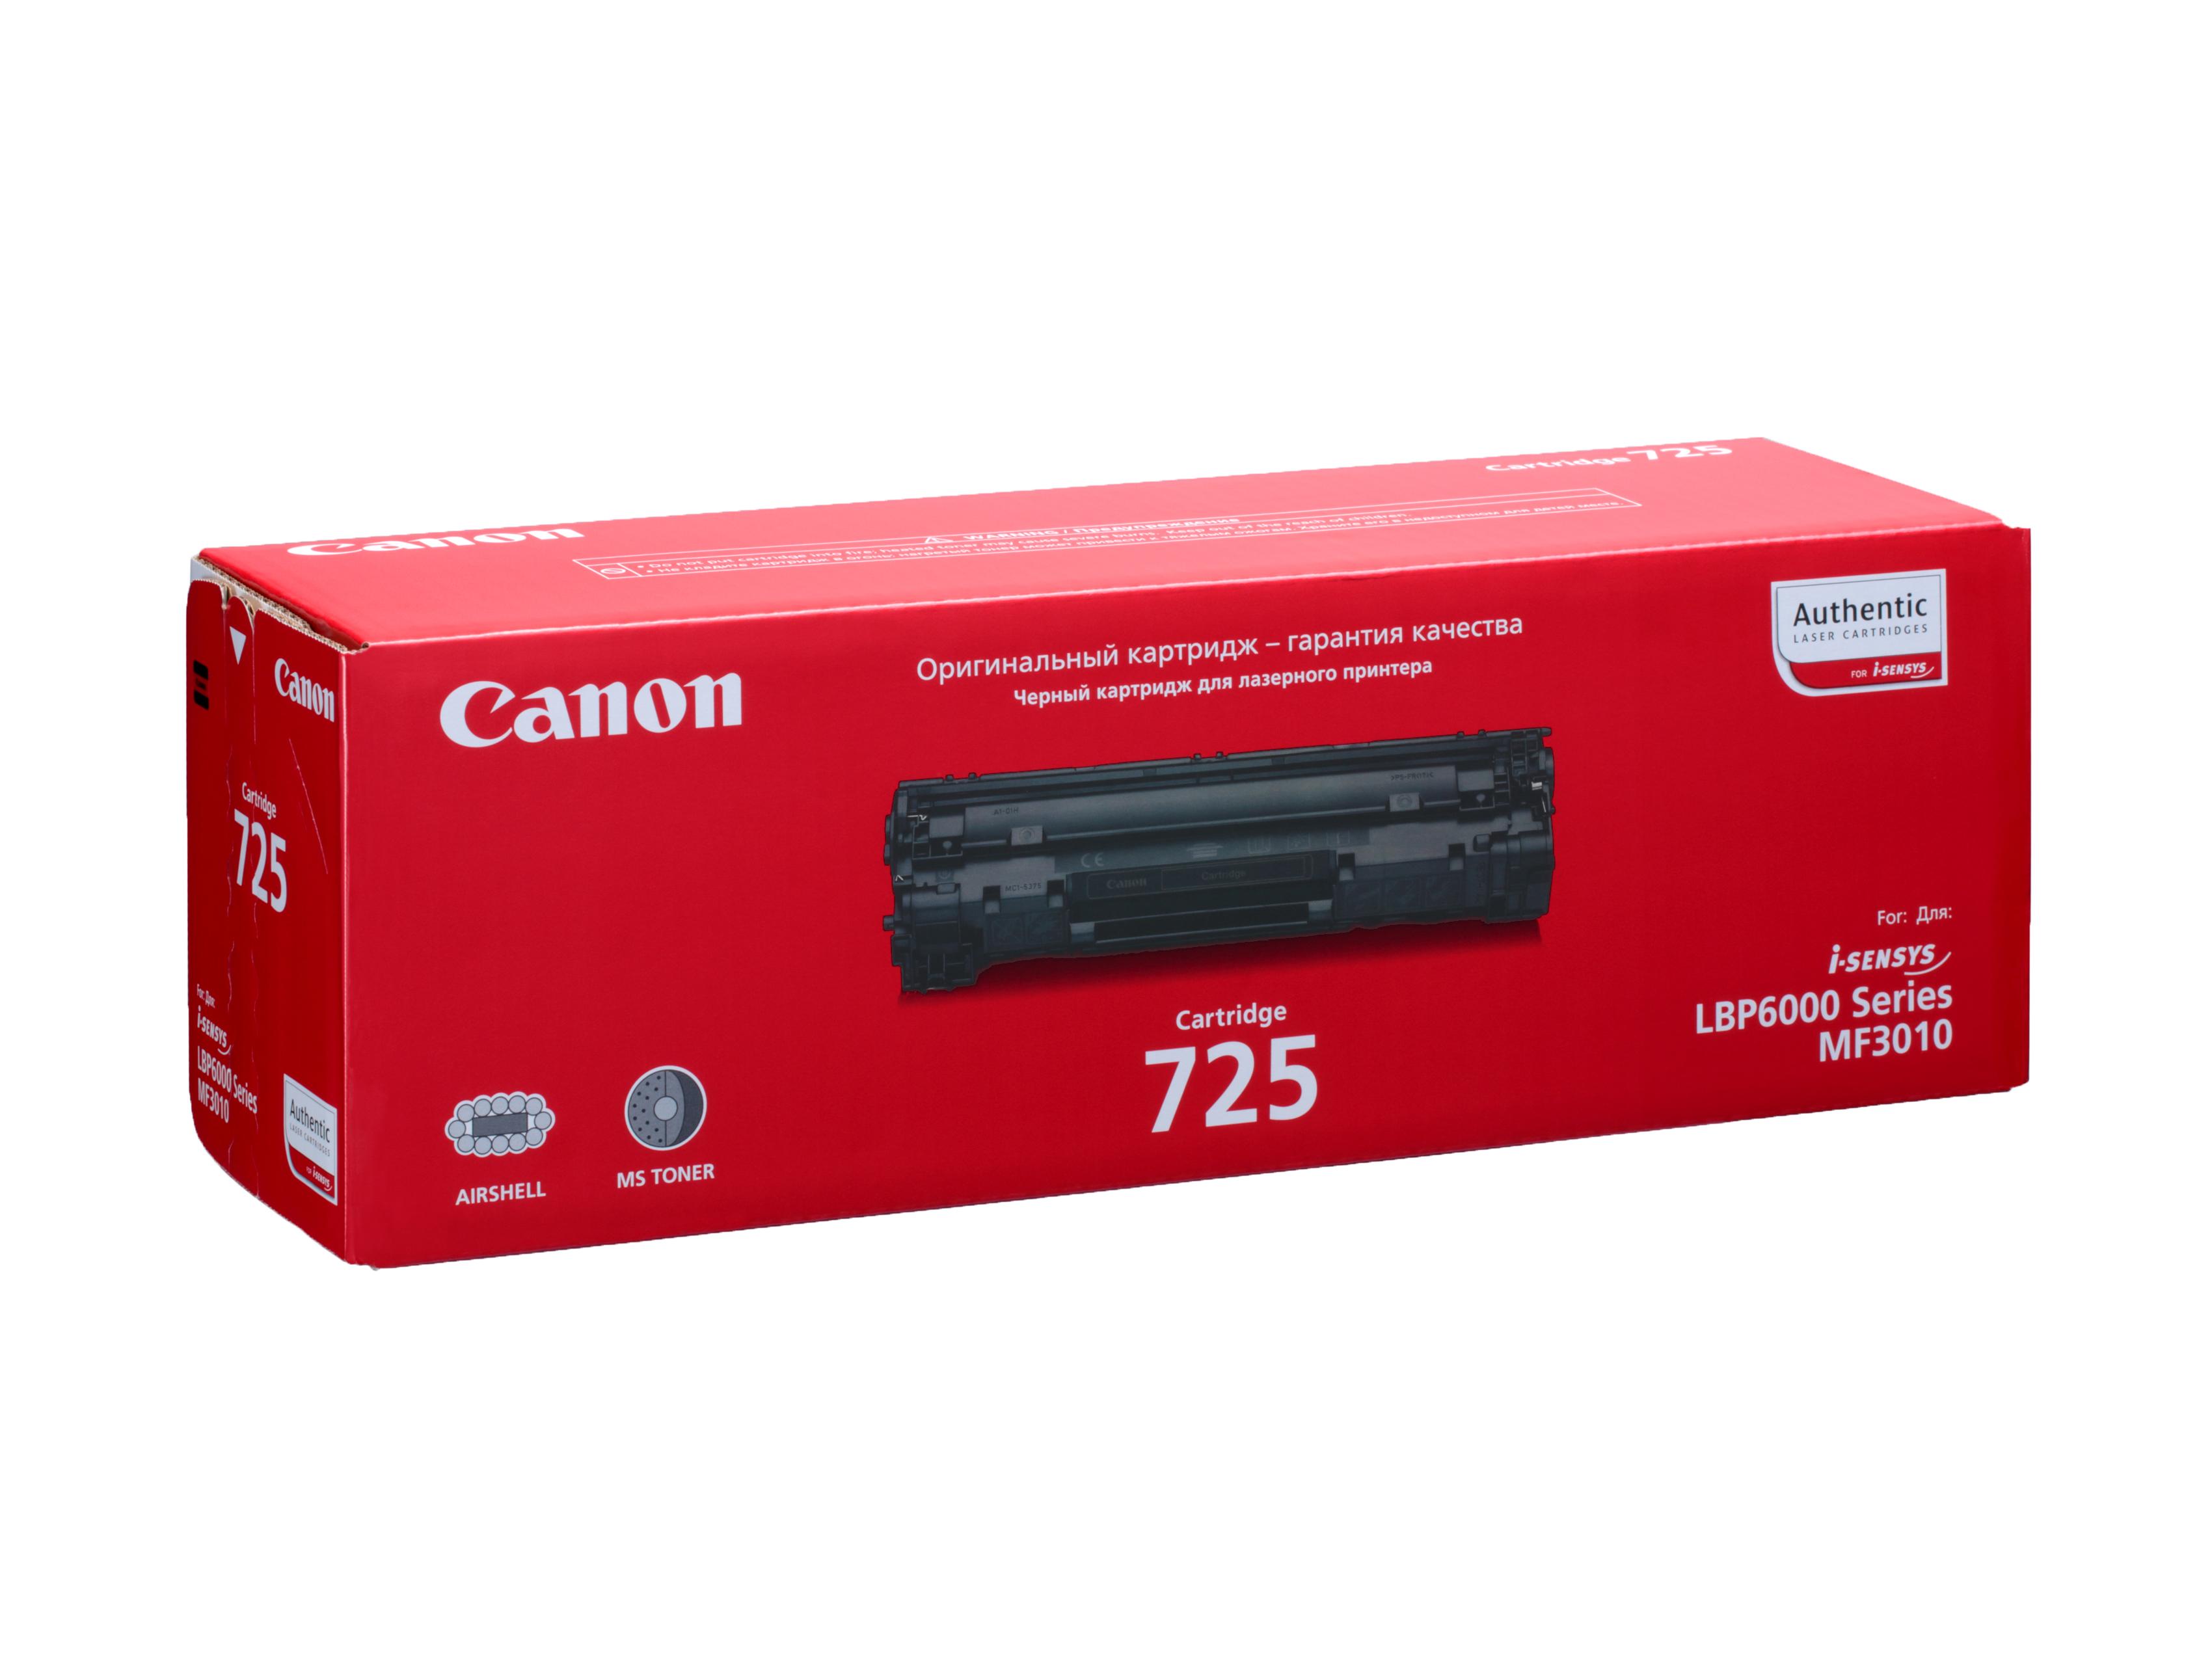 Картридж Canon 725 для LBP-6000/LBP-6000B. Чёрный. 1600 страниц. все цены